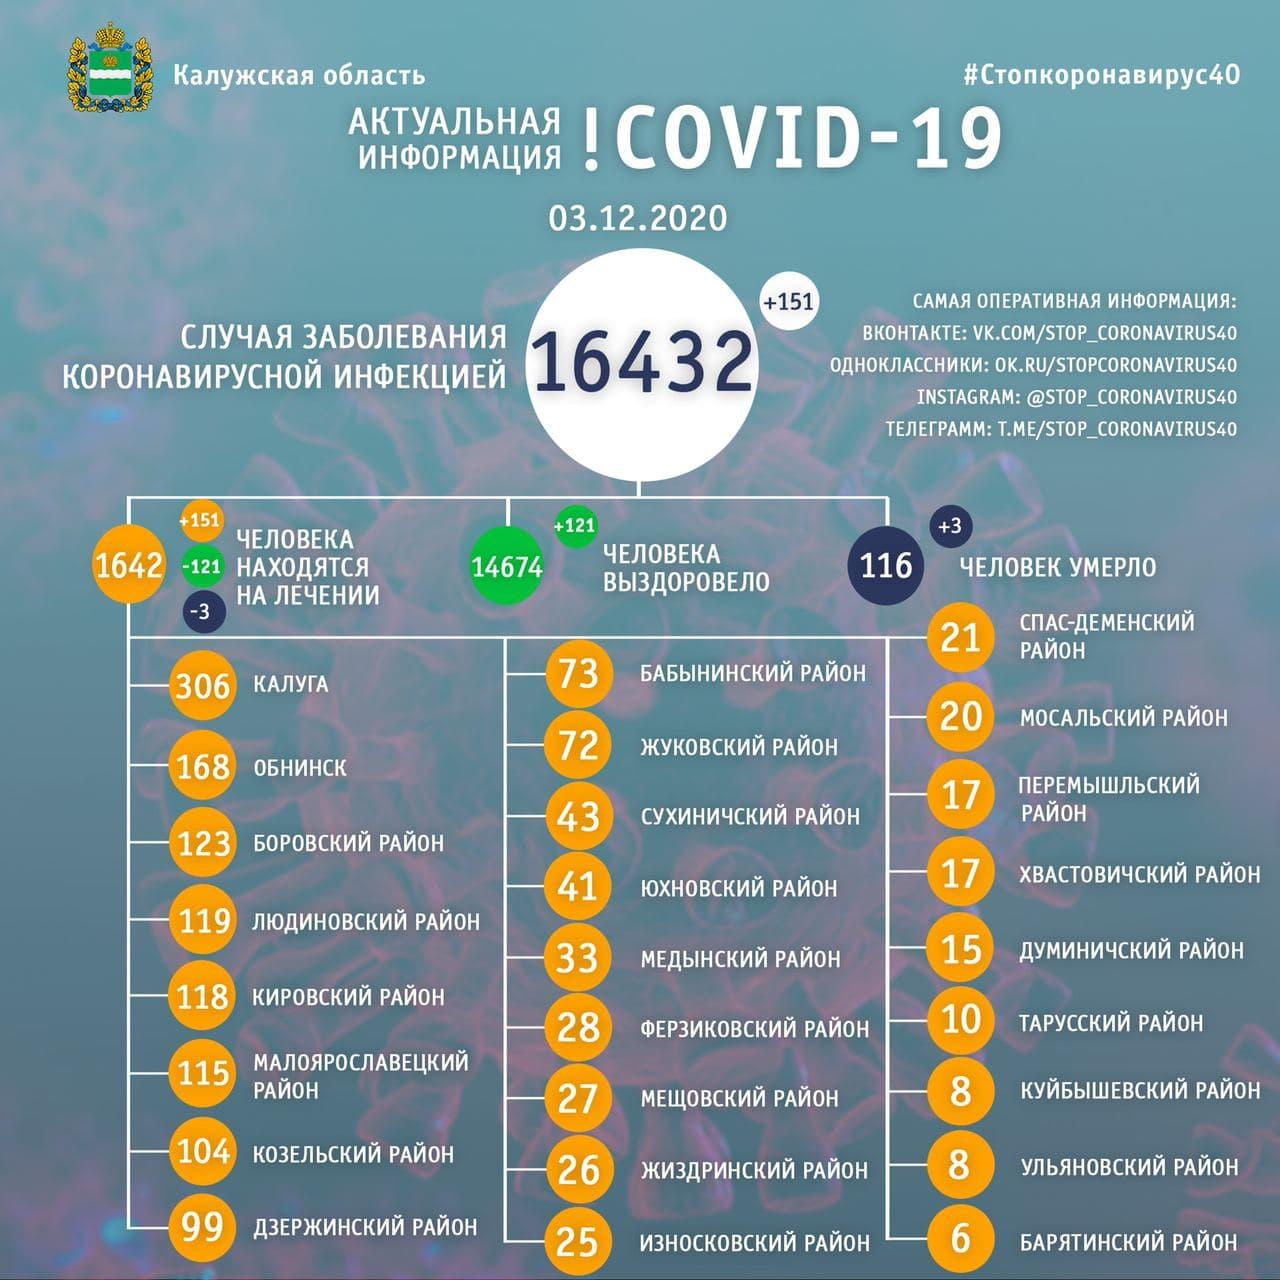 Официальная статистика по коронавирусу в Калужской области на 3 декабря 2020 года.